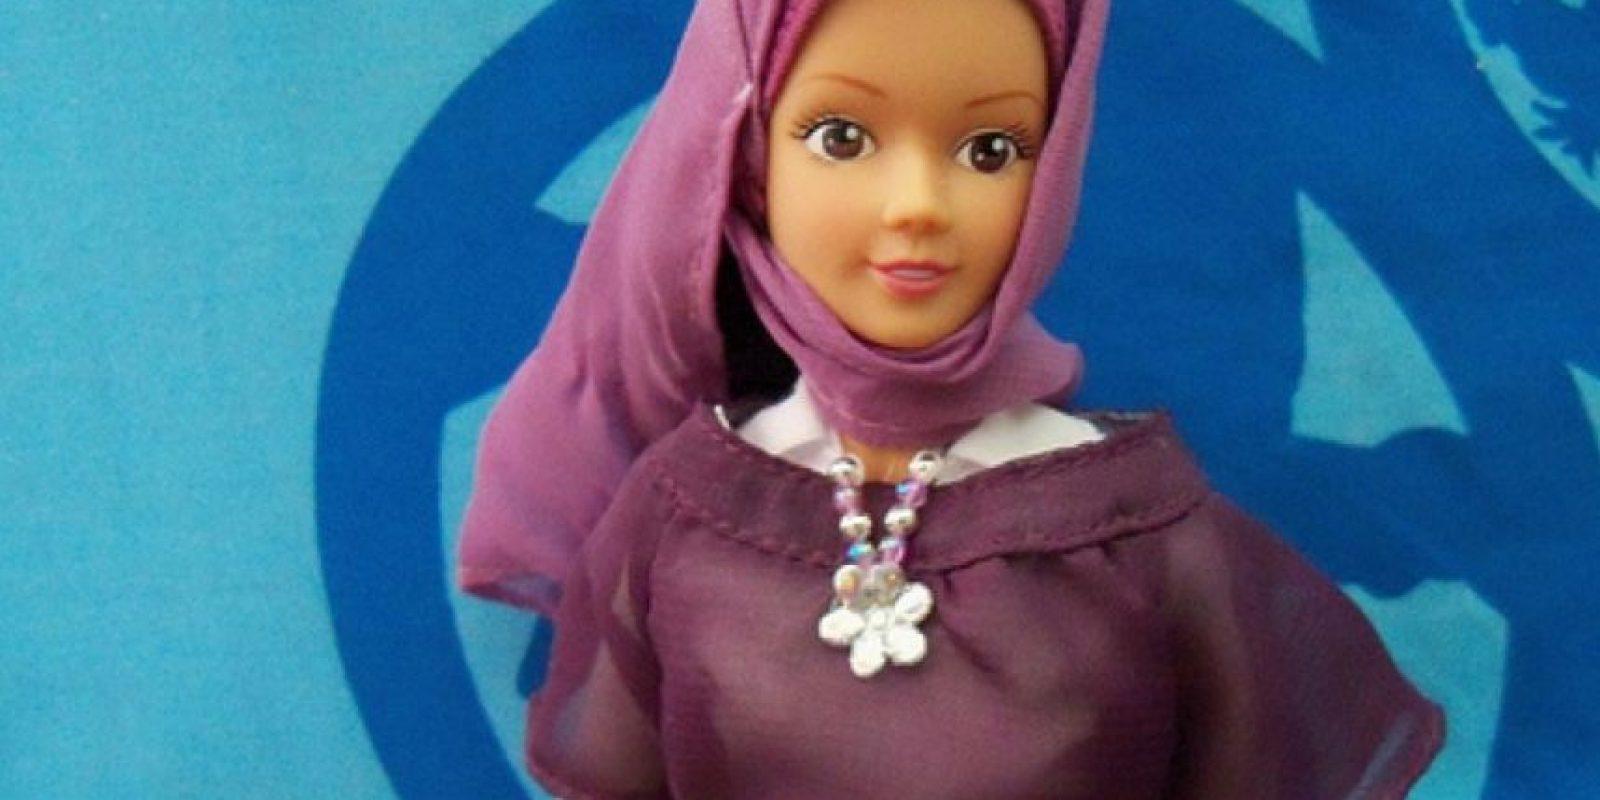 Fulla no tiene novio, ya que los musulmanes no creen en las relaciones fuera del matrimonio. Foto:MuslimToys